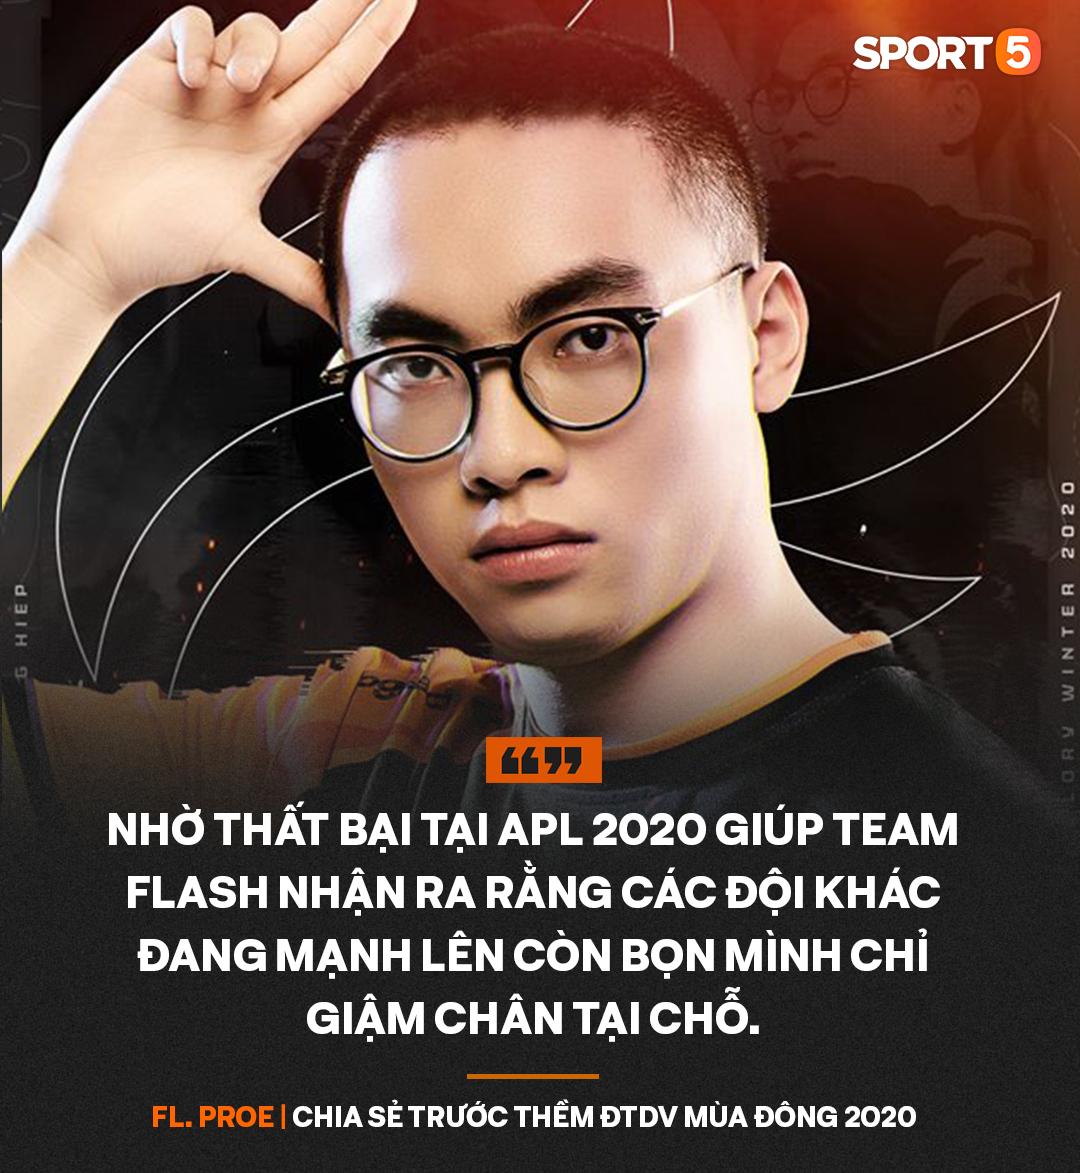 Trước thềm ĐTDV mùa Đông 2020, XB khẳng định Team Flash sẽ nghiền nát mọi đối thủ để lên ngôi vô địch - Ảnh 2.